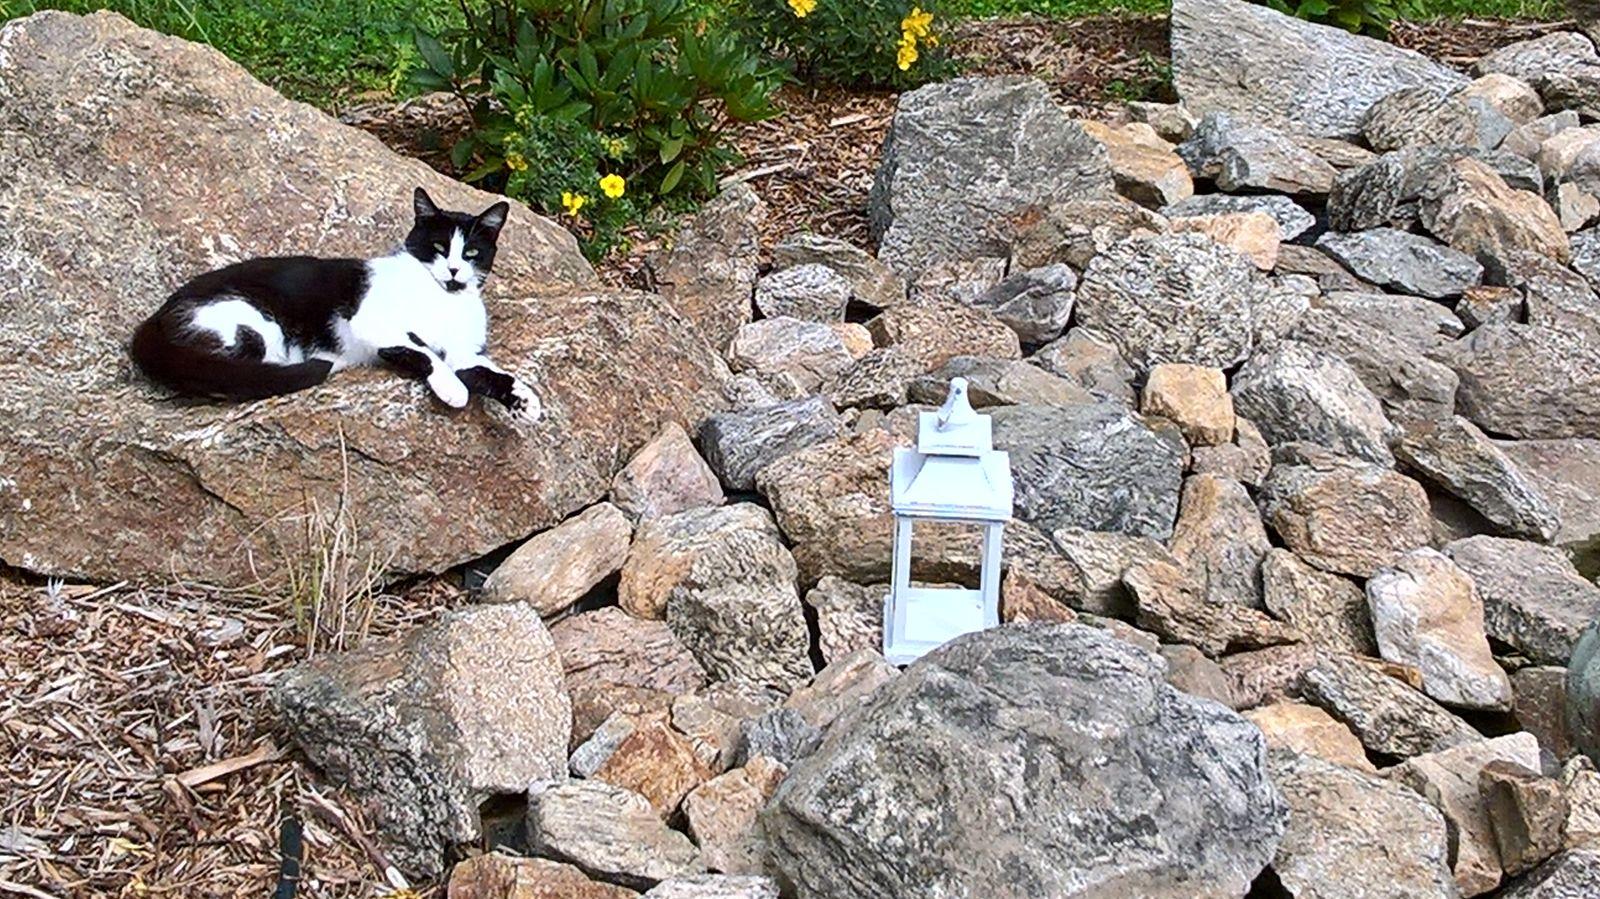 la petite chatte, Félicie adore se chauffer sur les pierres du jardin!